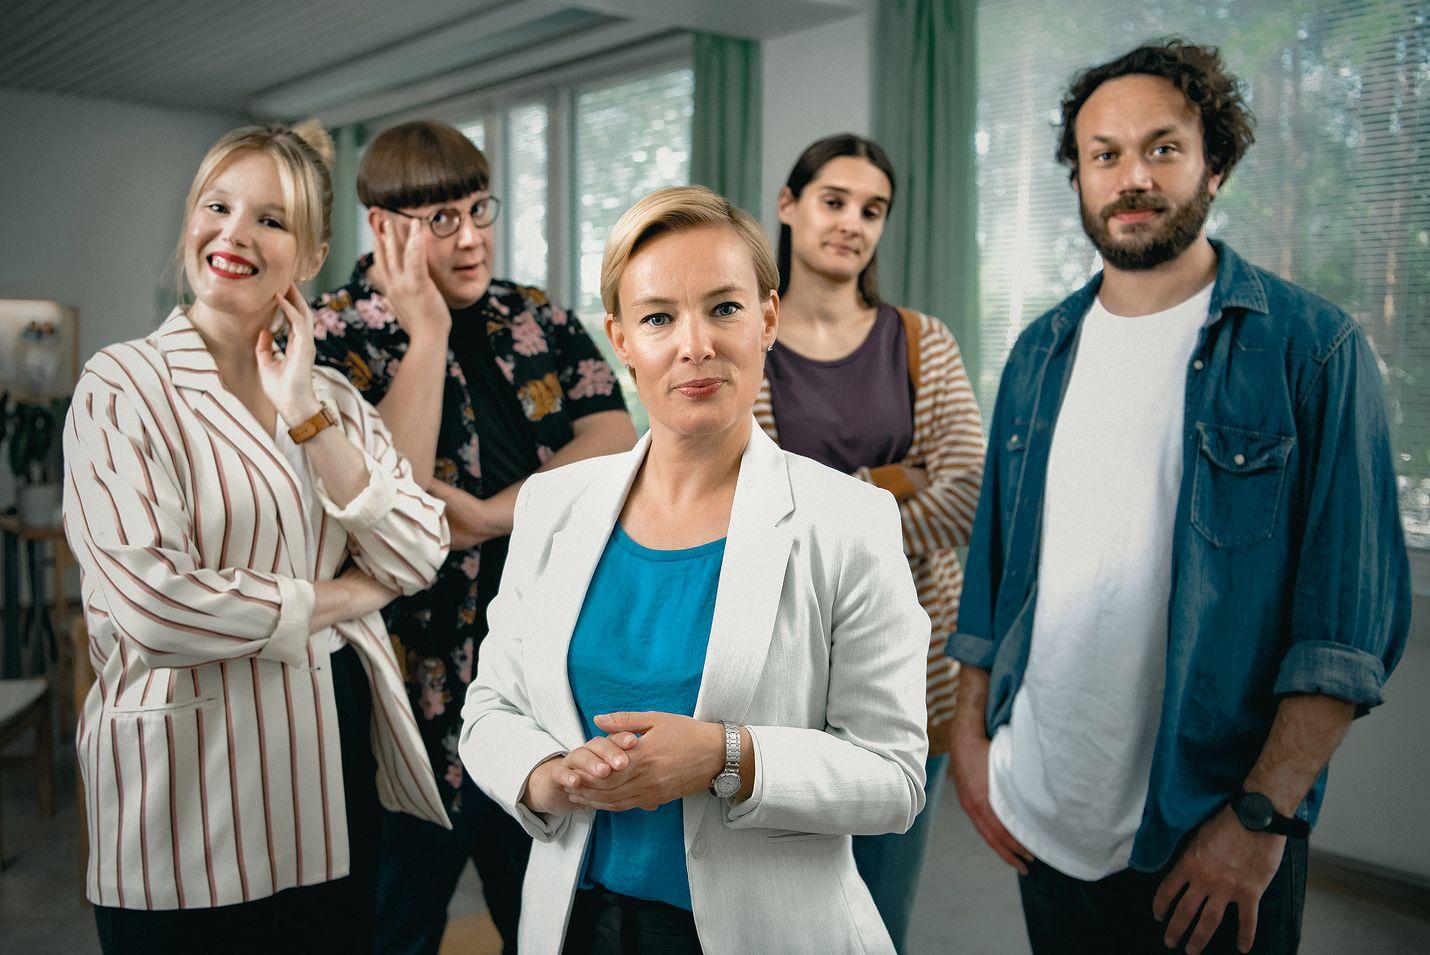 Uudehkot tv-kasvot Pia Andersson, Mikko Penttilä, Terhi Suorlahti, Sara Paasikoski ja Elmer Bäck näyttelevät kuvitteellisen yläkoulun henkilökuntaa C Moren uudessa sarjassa.